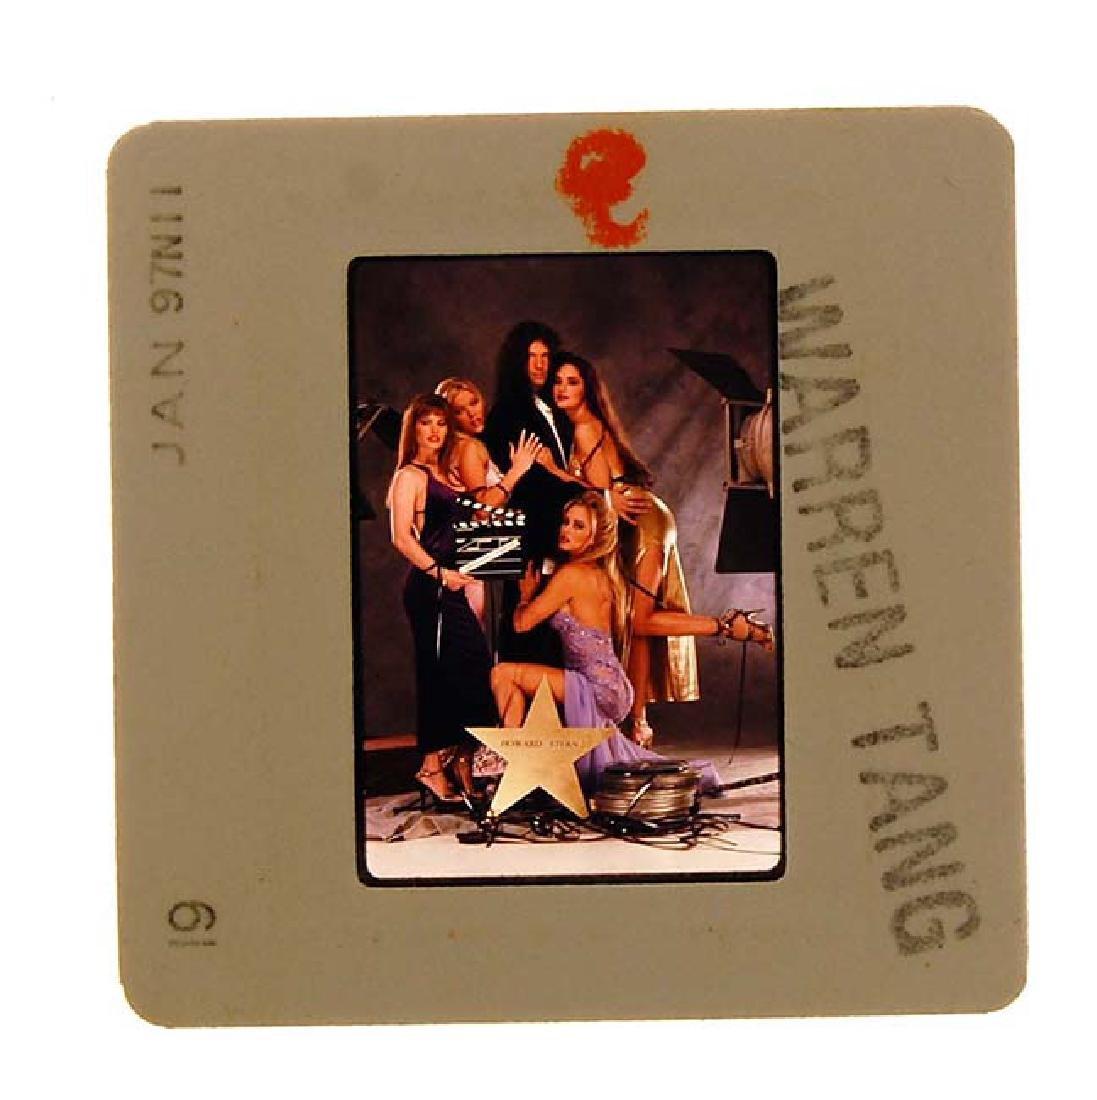 Orig 35mm Penthouse 1997 Slide Howard Stern by Warren - 2